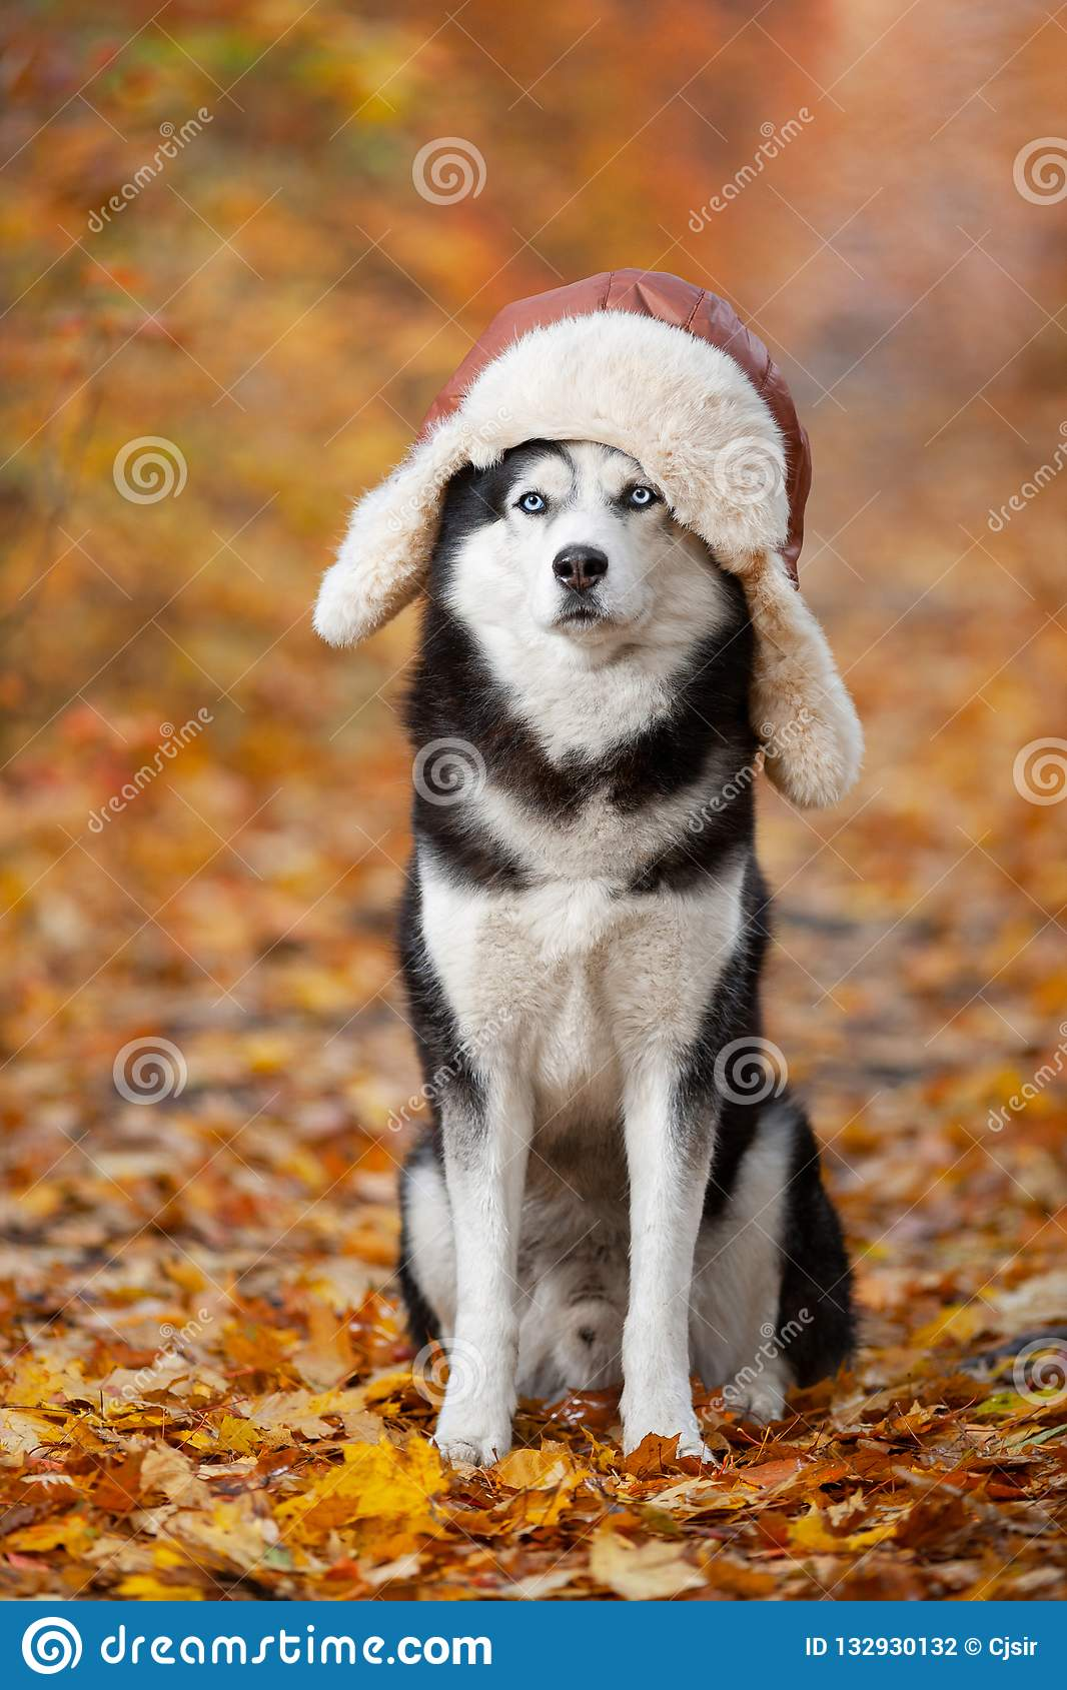 De zwart-witte Siberische Schor hond in een hoed met earflaps die in de gele herfst zitten gaat weg